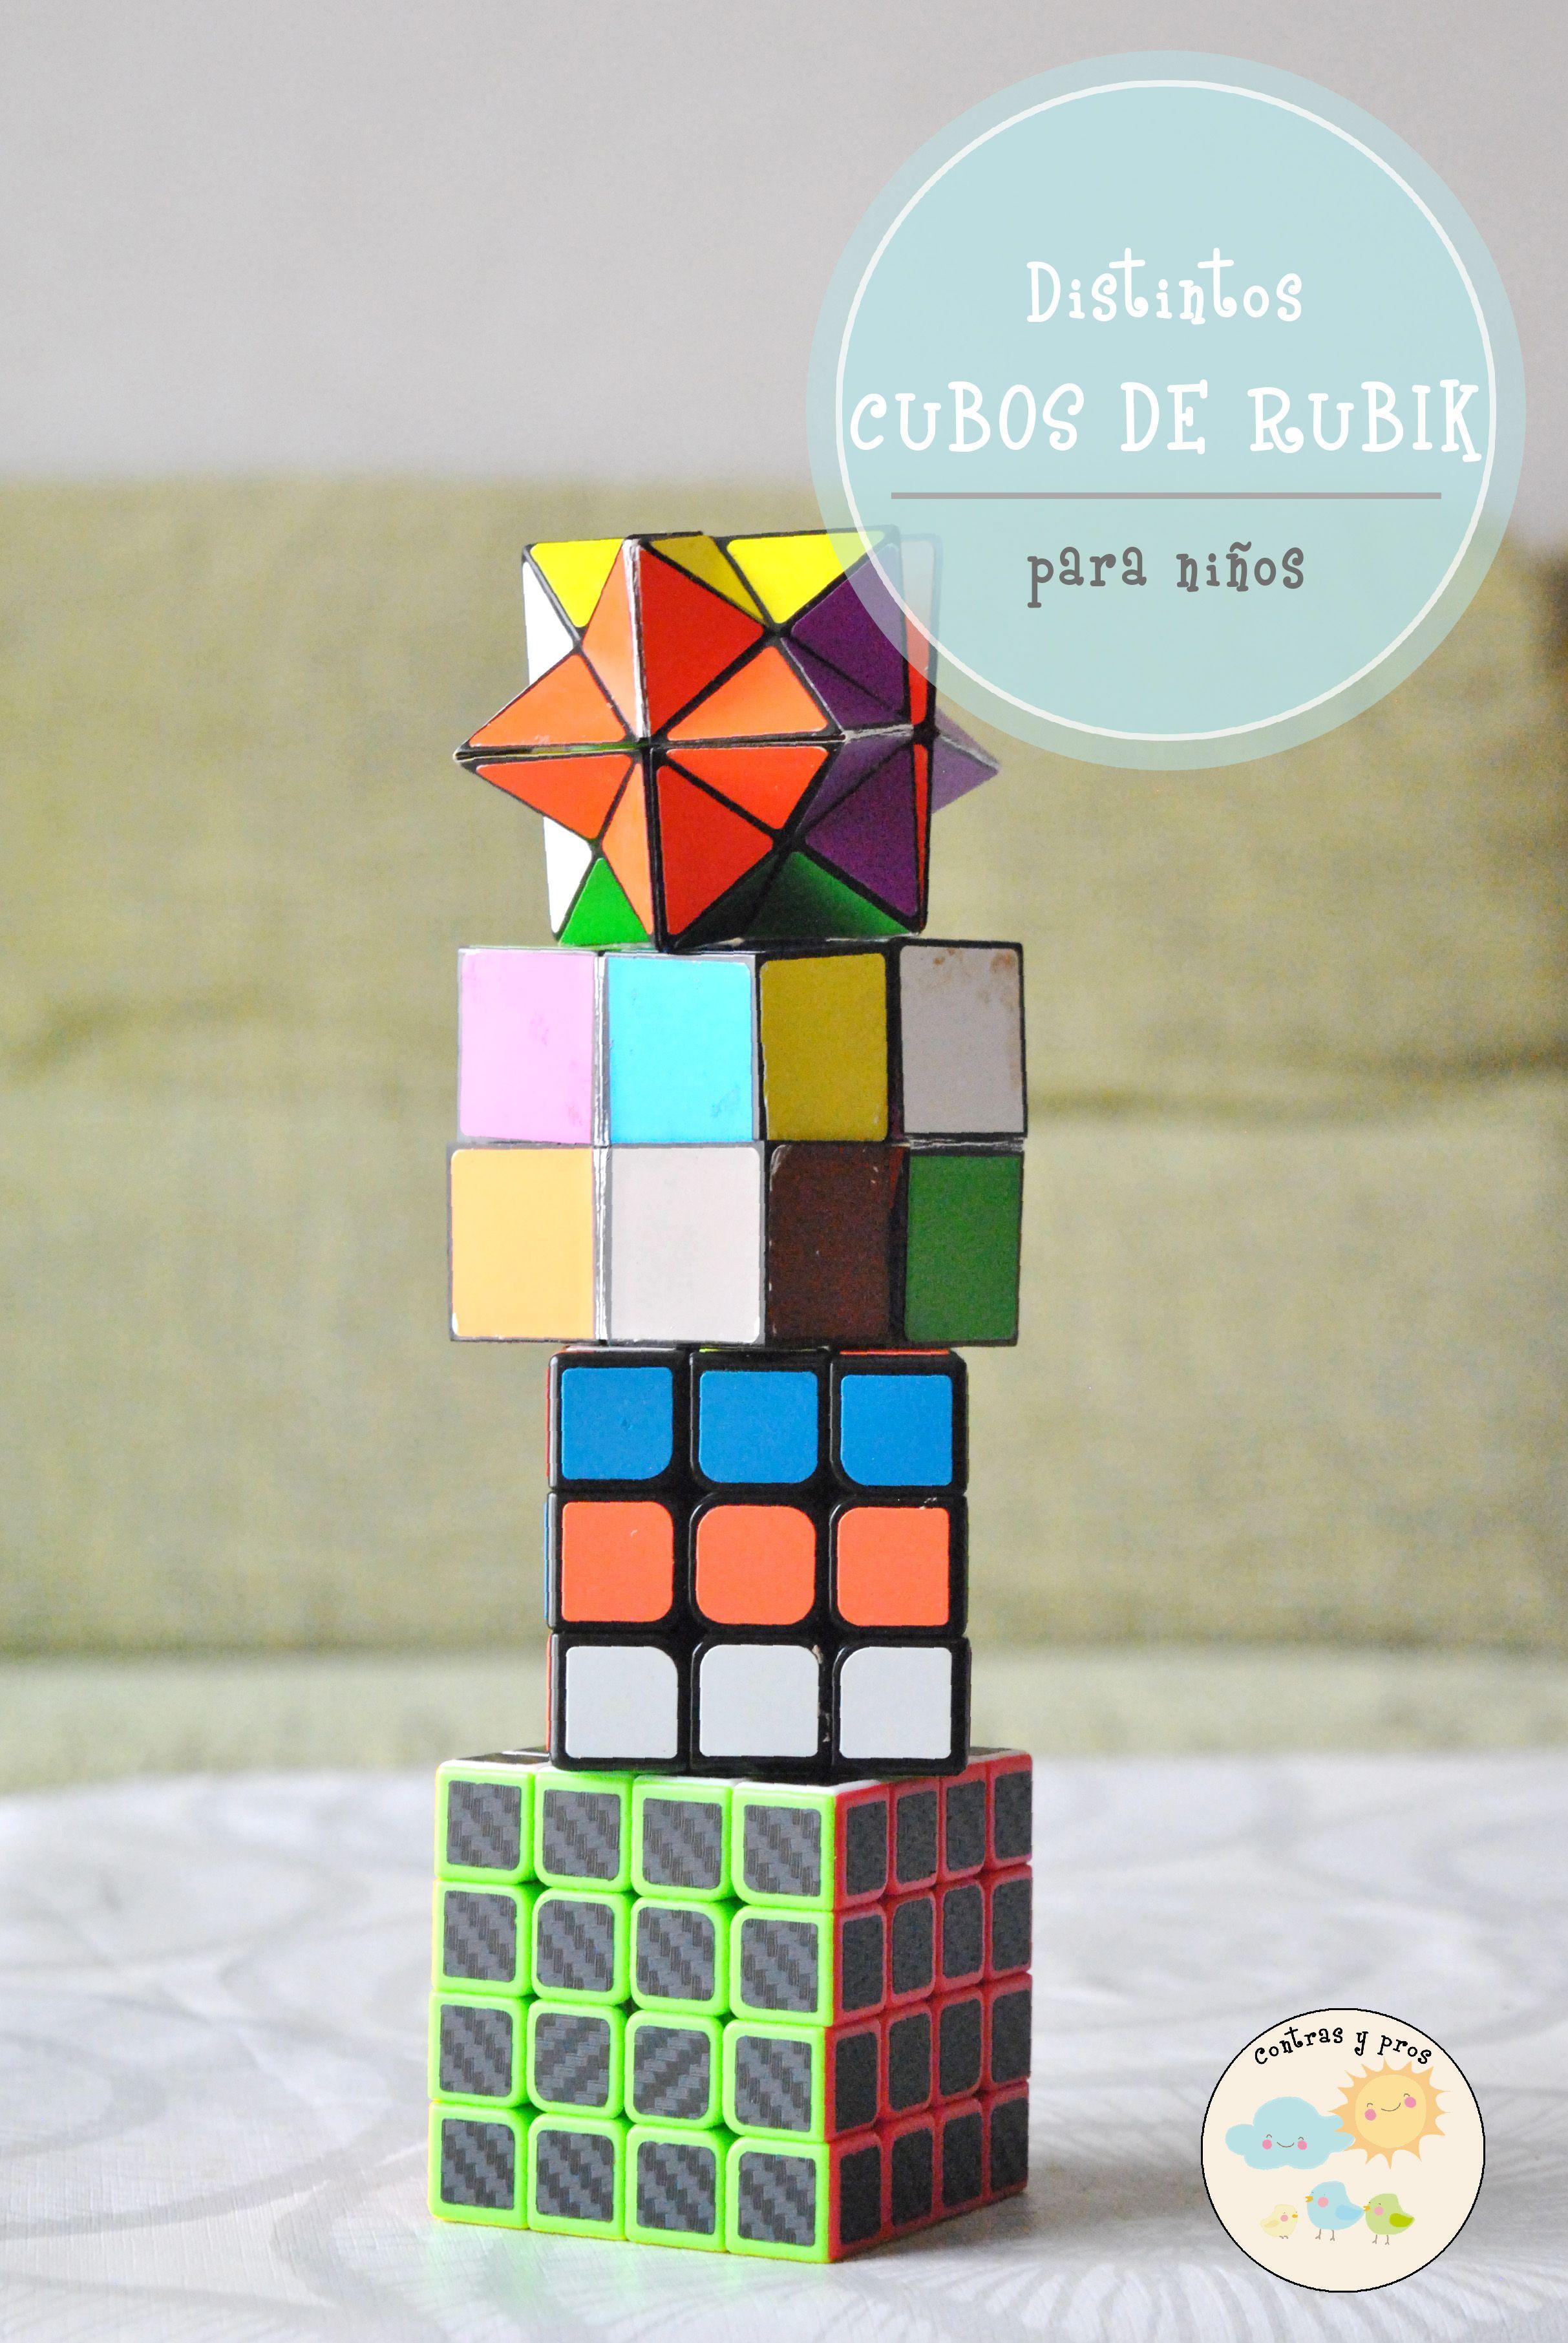 De Los Distintos Cubos De Rubik Contras Y Pros Cubo Rubik Rubik Cubos